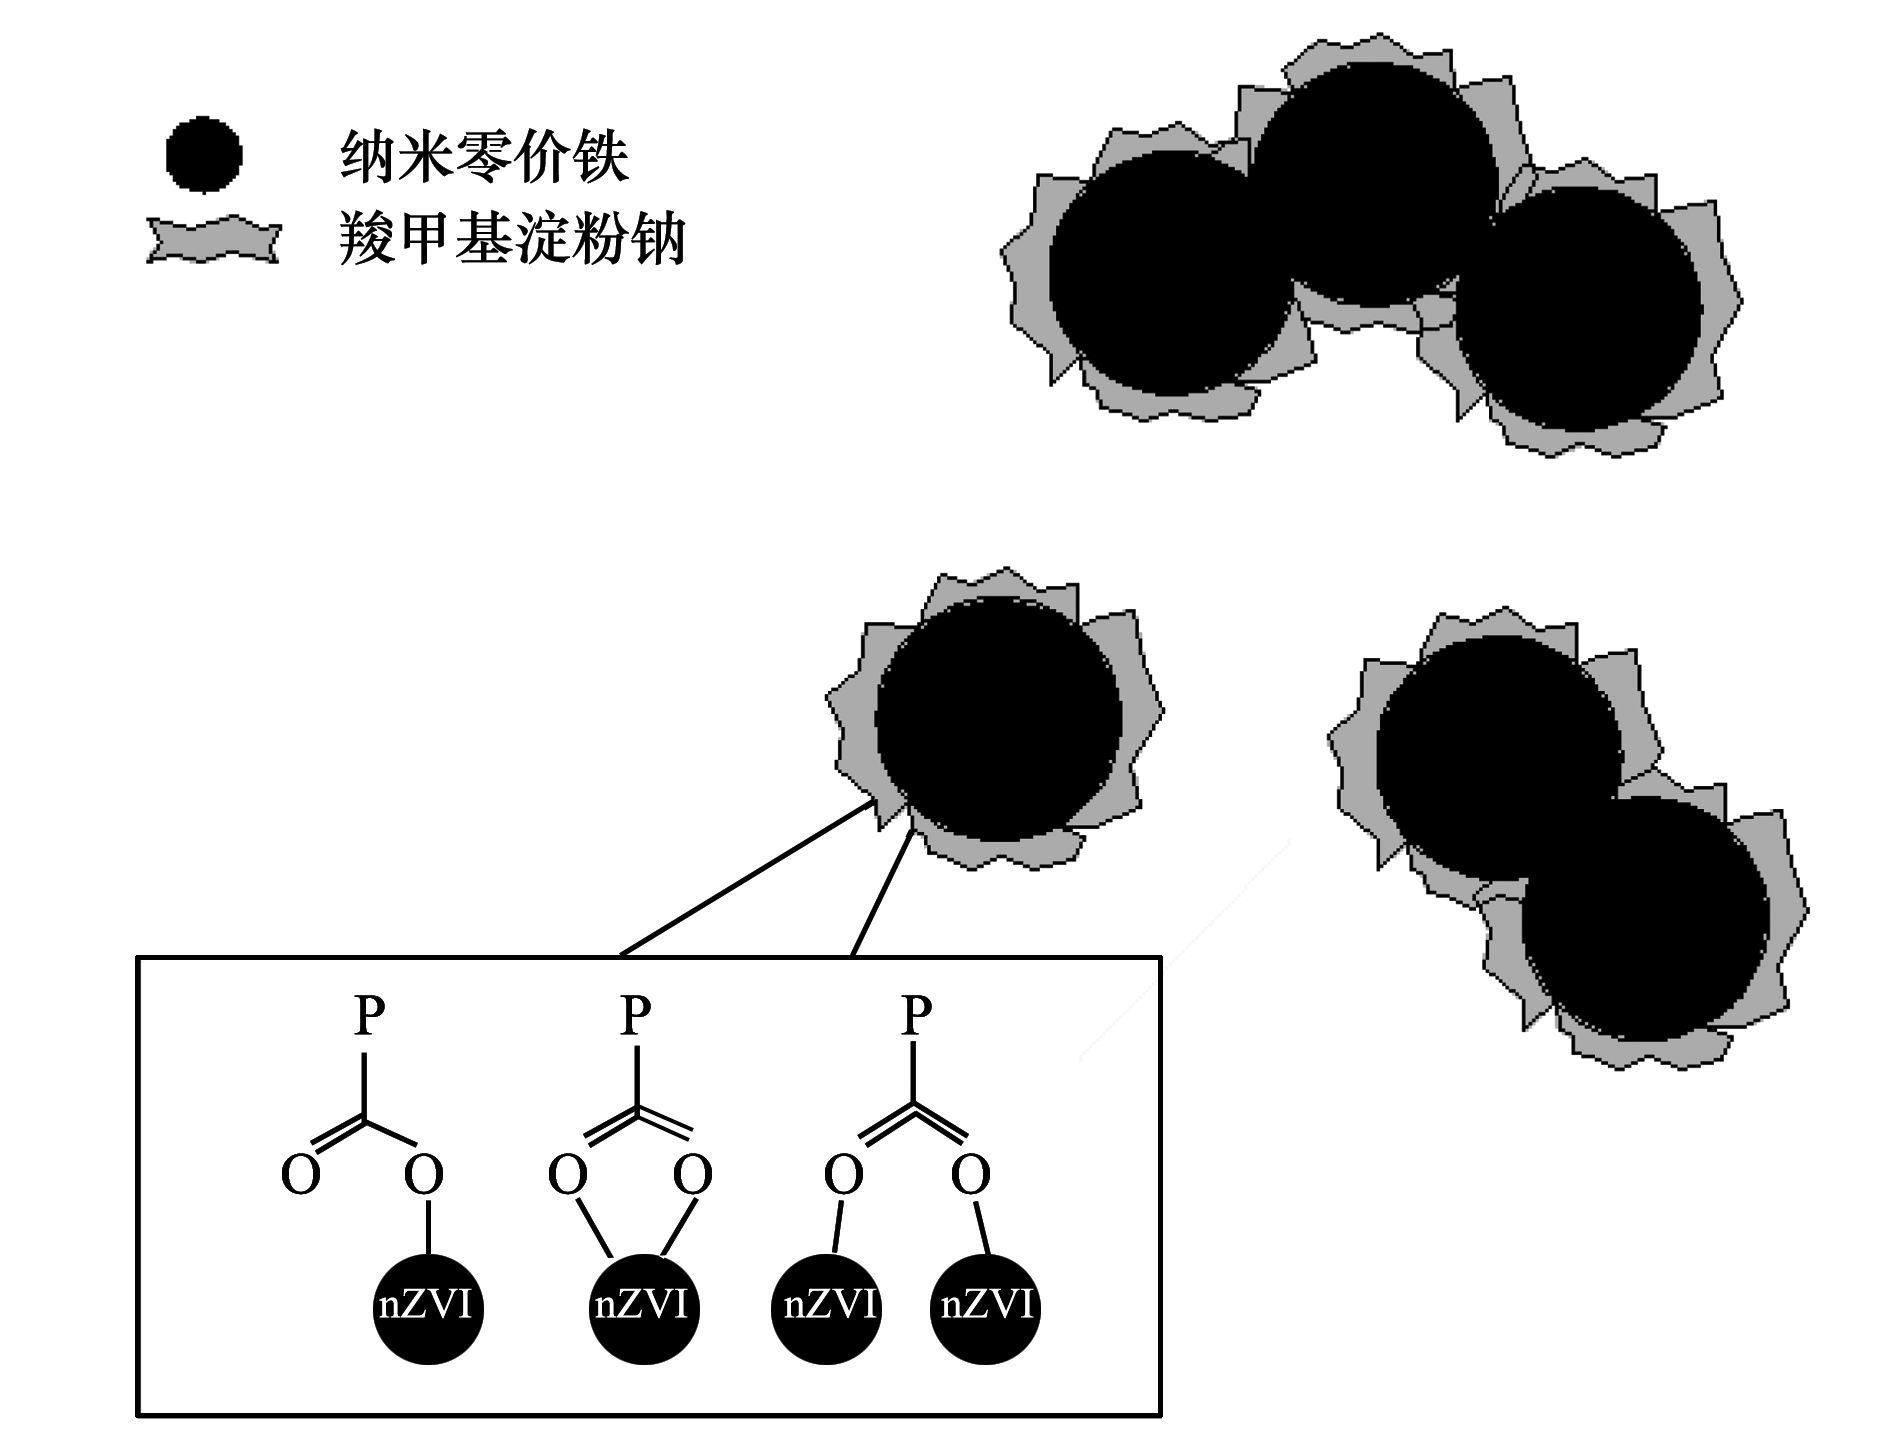 改性纳米零价铁微观结构概念